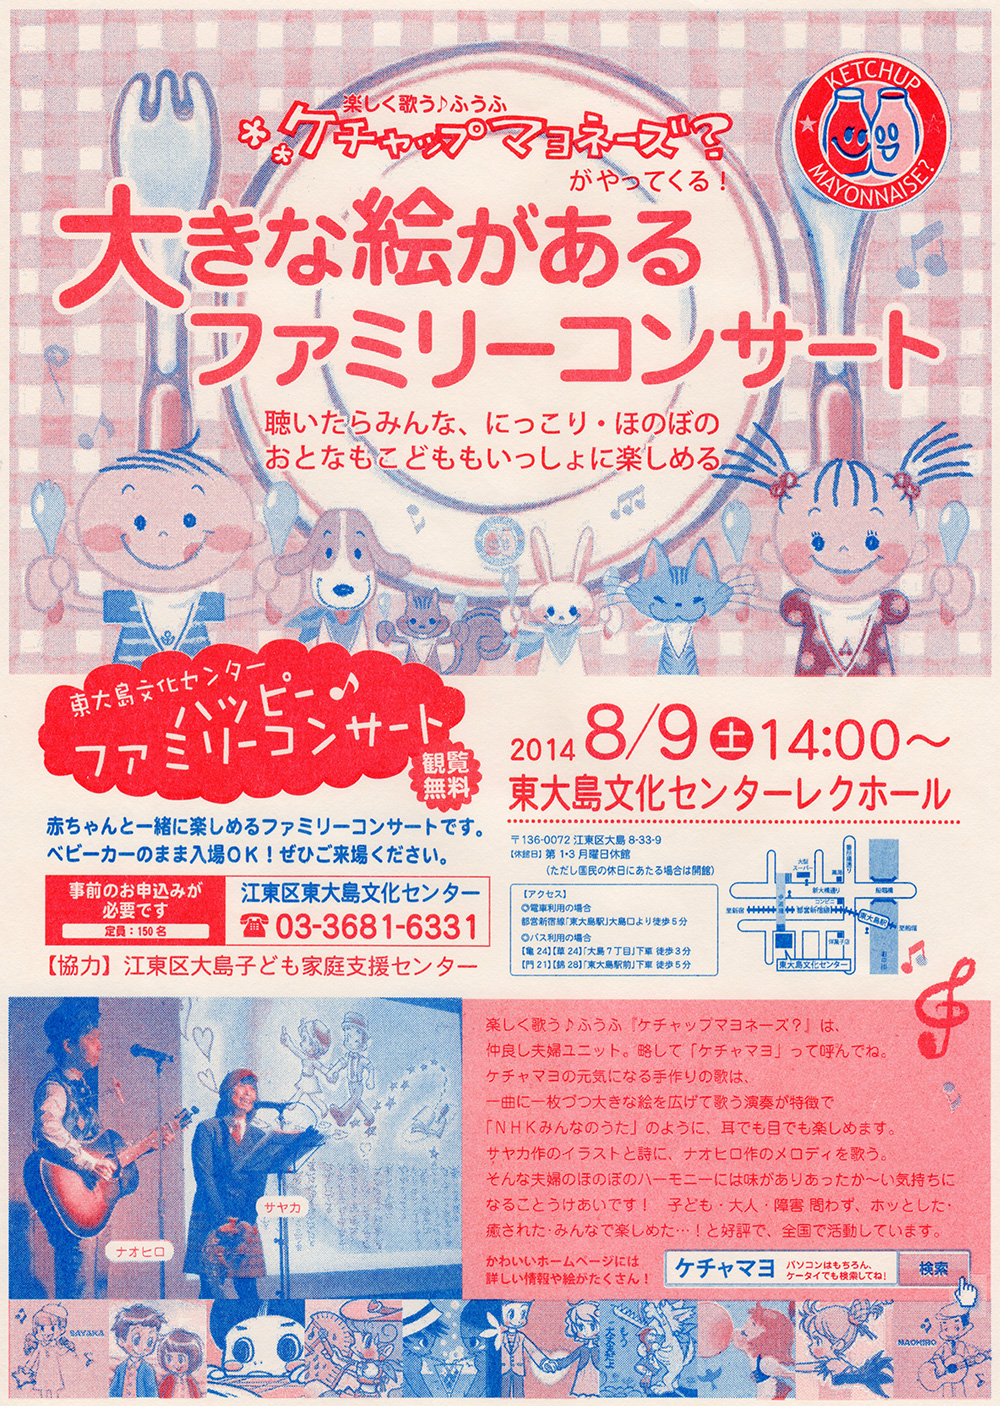 8月9日(土) 東大島文化センター「観覧無料☆ハッピー♪ファミリーコンサート」に出演します